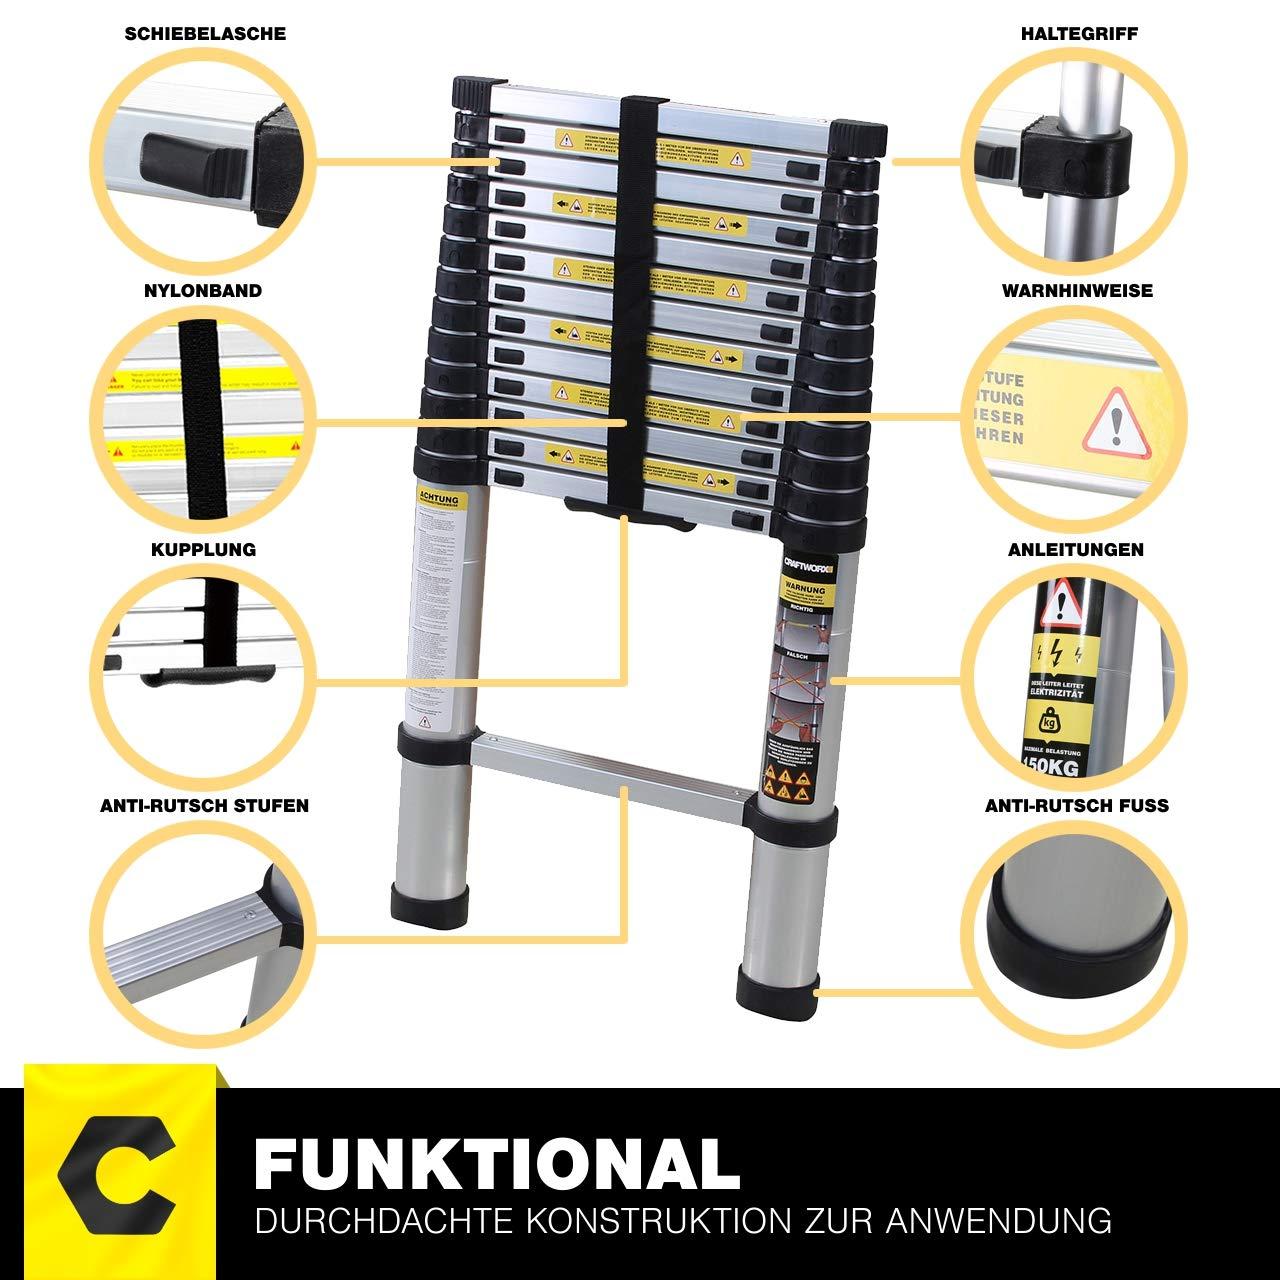 Tragetasche 4.4 Meter Black Edition Deutsche Qualit/ätsmarke Alu Leiter Trittleiter Craftfull Aluminium Teleskopleiter 2//2,6//2,9//3,2//3,8//4,1//4,4 Meter